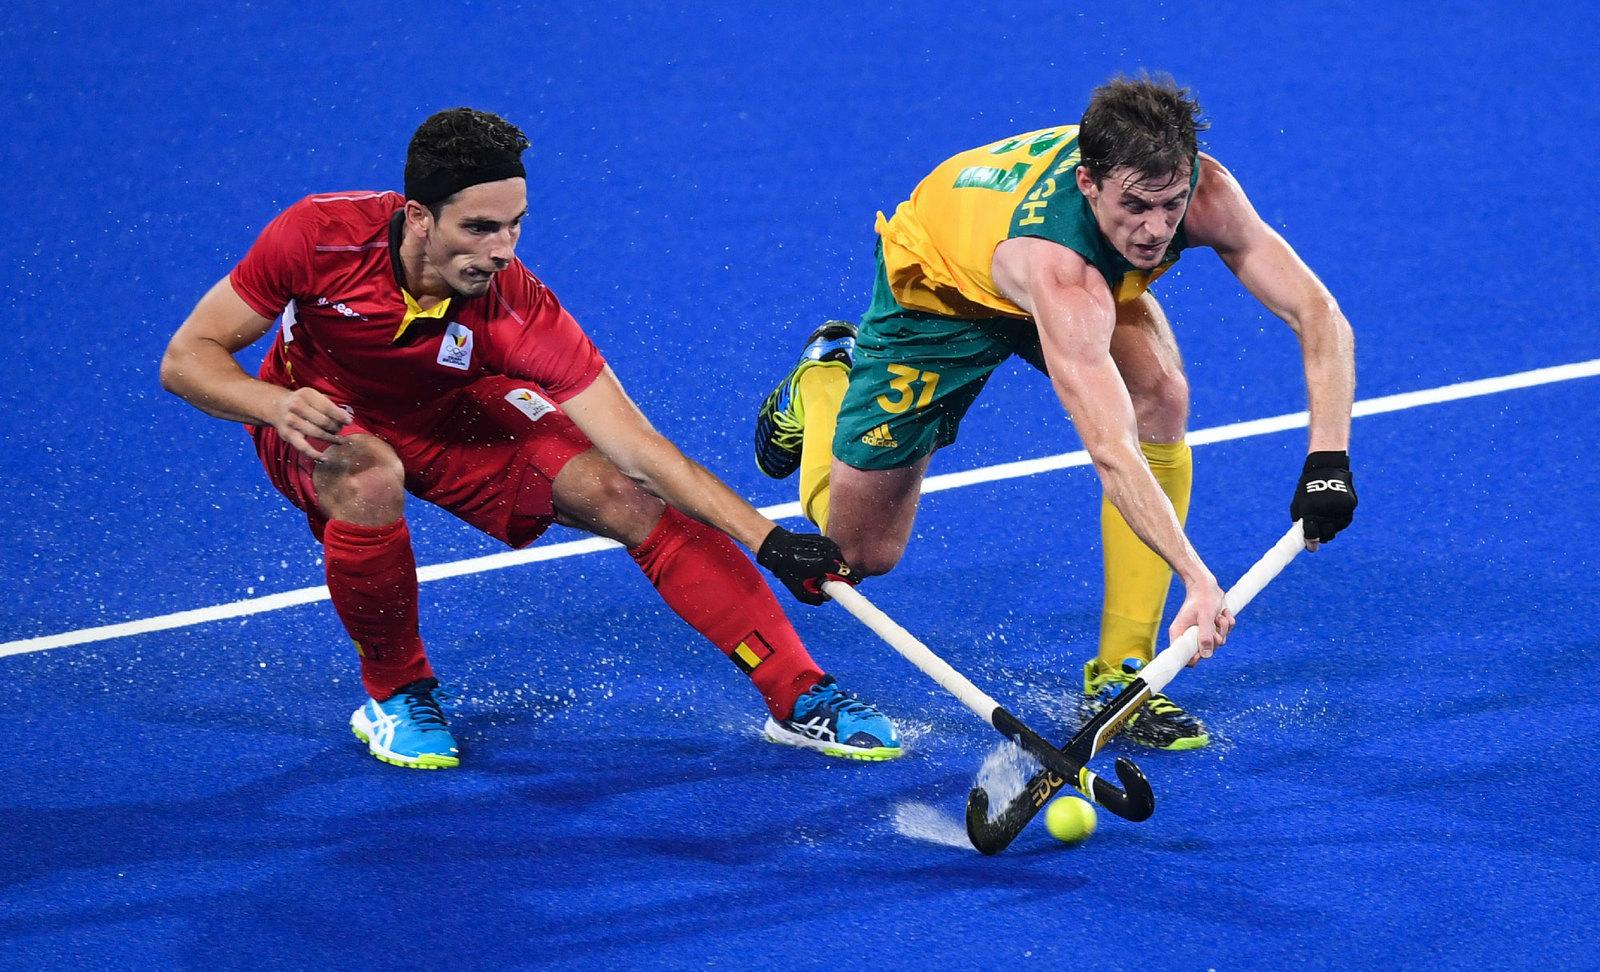 Хоккей на траве. Эпизод матча между Бельгией и Австралией